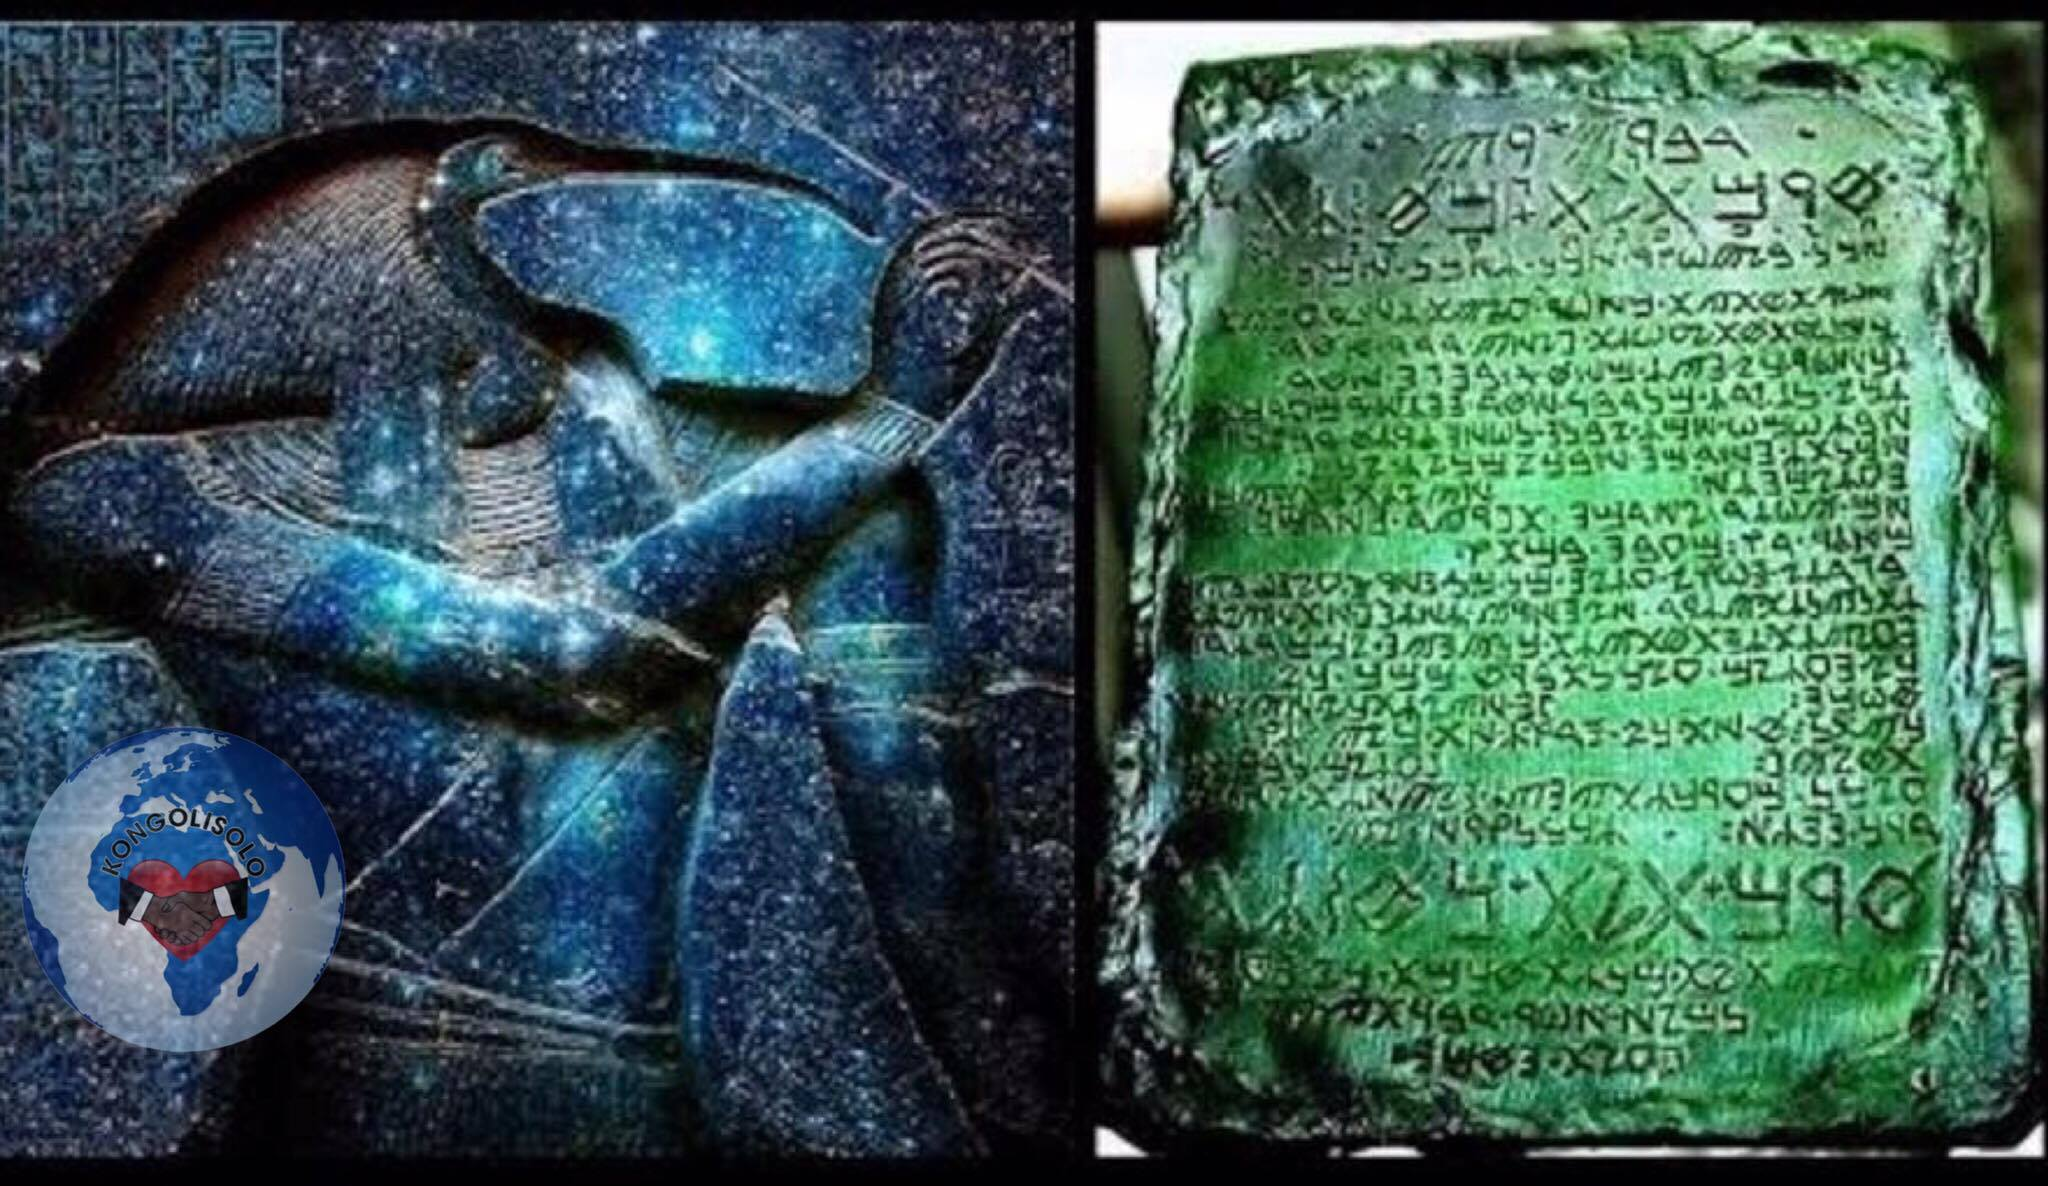 Les XV Tablettes de Thoth l'Atlante : la Table d'émeraude (Tabula Smaragdina en latin) est un des textes les plus anciens (certains disent qu'il a été écrit 30.000 ans avant JC, d'autres 5.000 ans avant JC) et célèbres de la littérature alchimique et hermétique (de Hermès chez les Grecs et Thoth chez les Égyptiens)